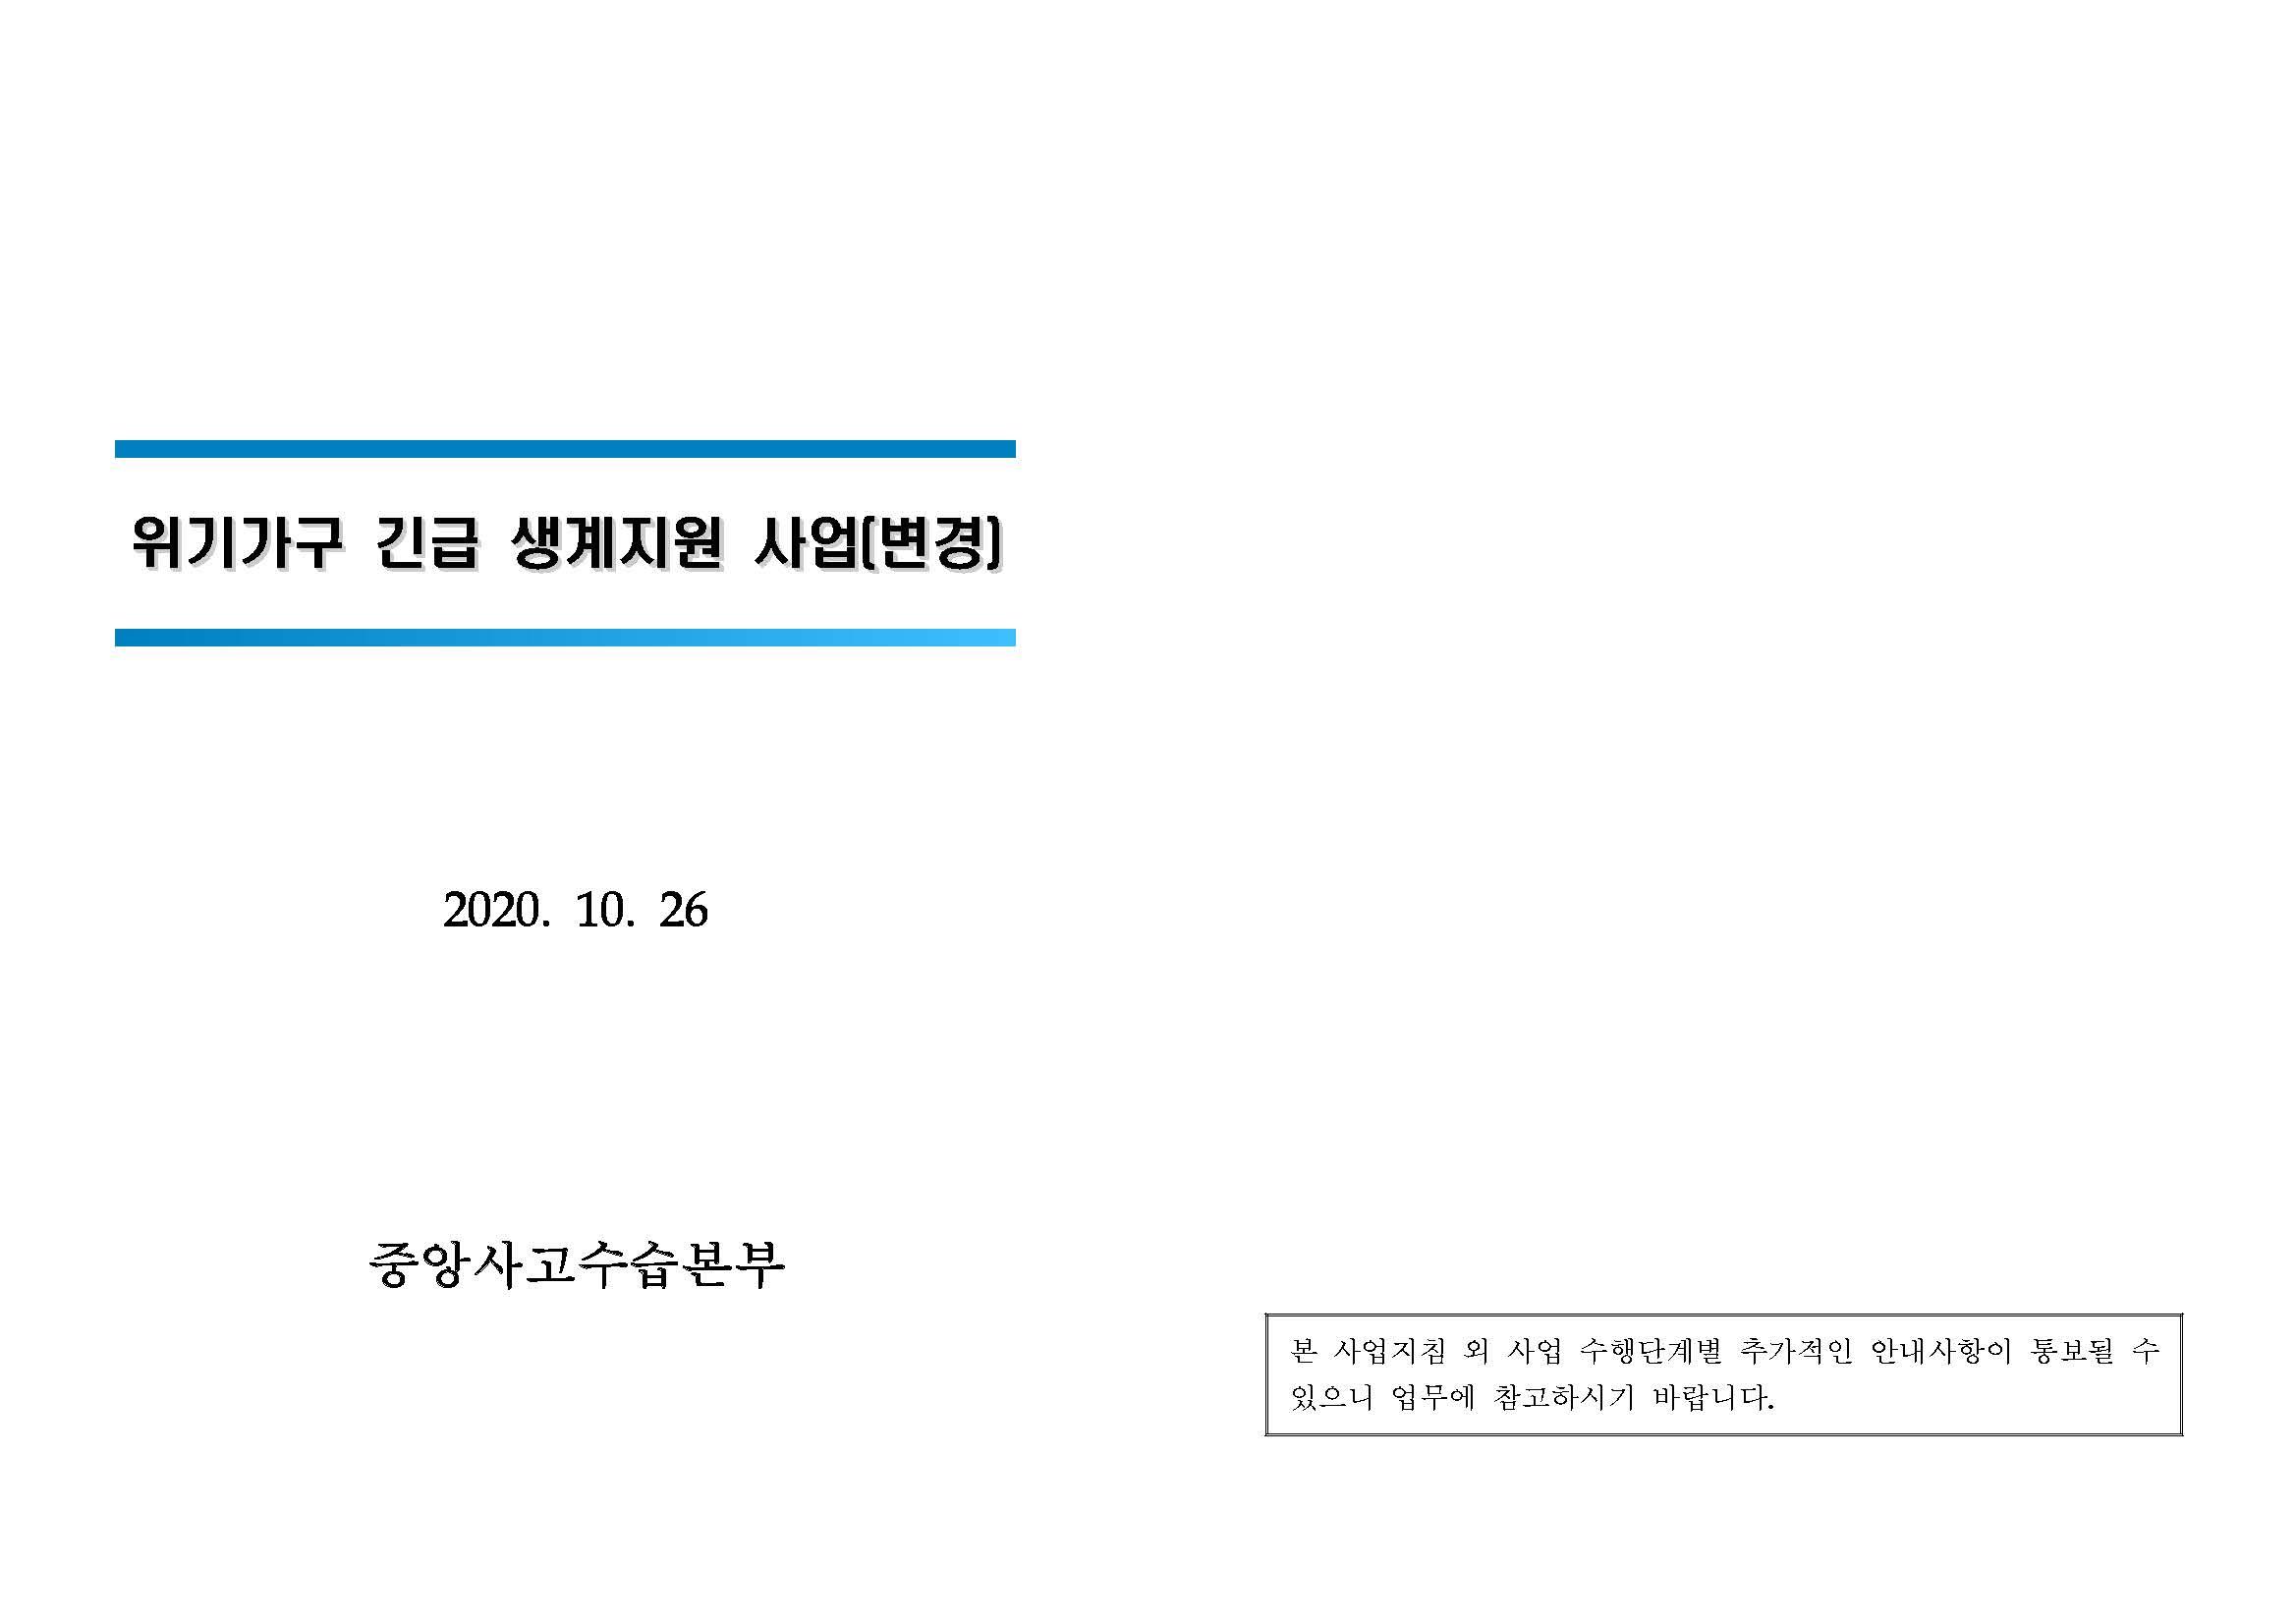 20.10.26_위기가구 긴급 생계지원 사업[변경]_페이지_01.jpg